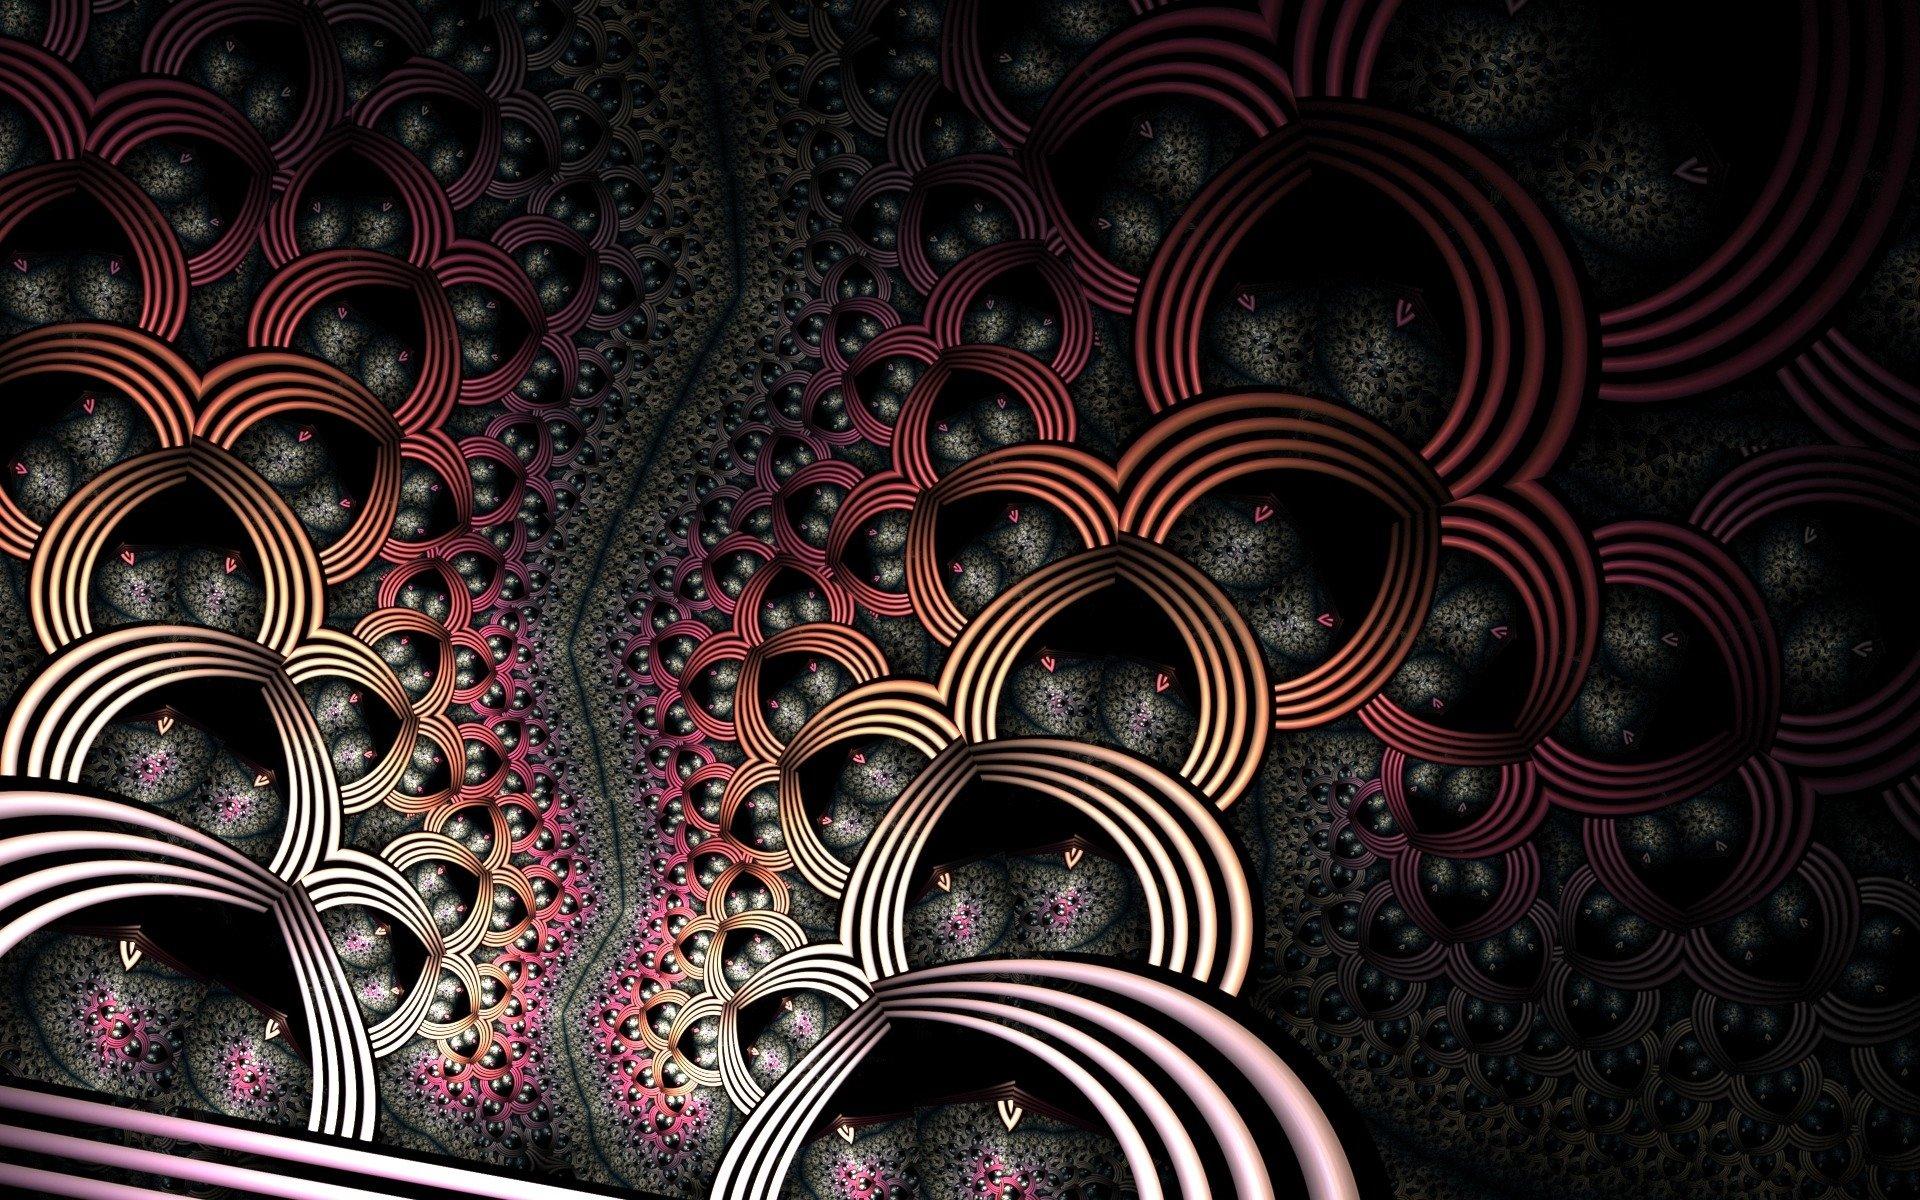 http://images.vfl.ru/ii/1396370140/d2ece556/4685561.jpg